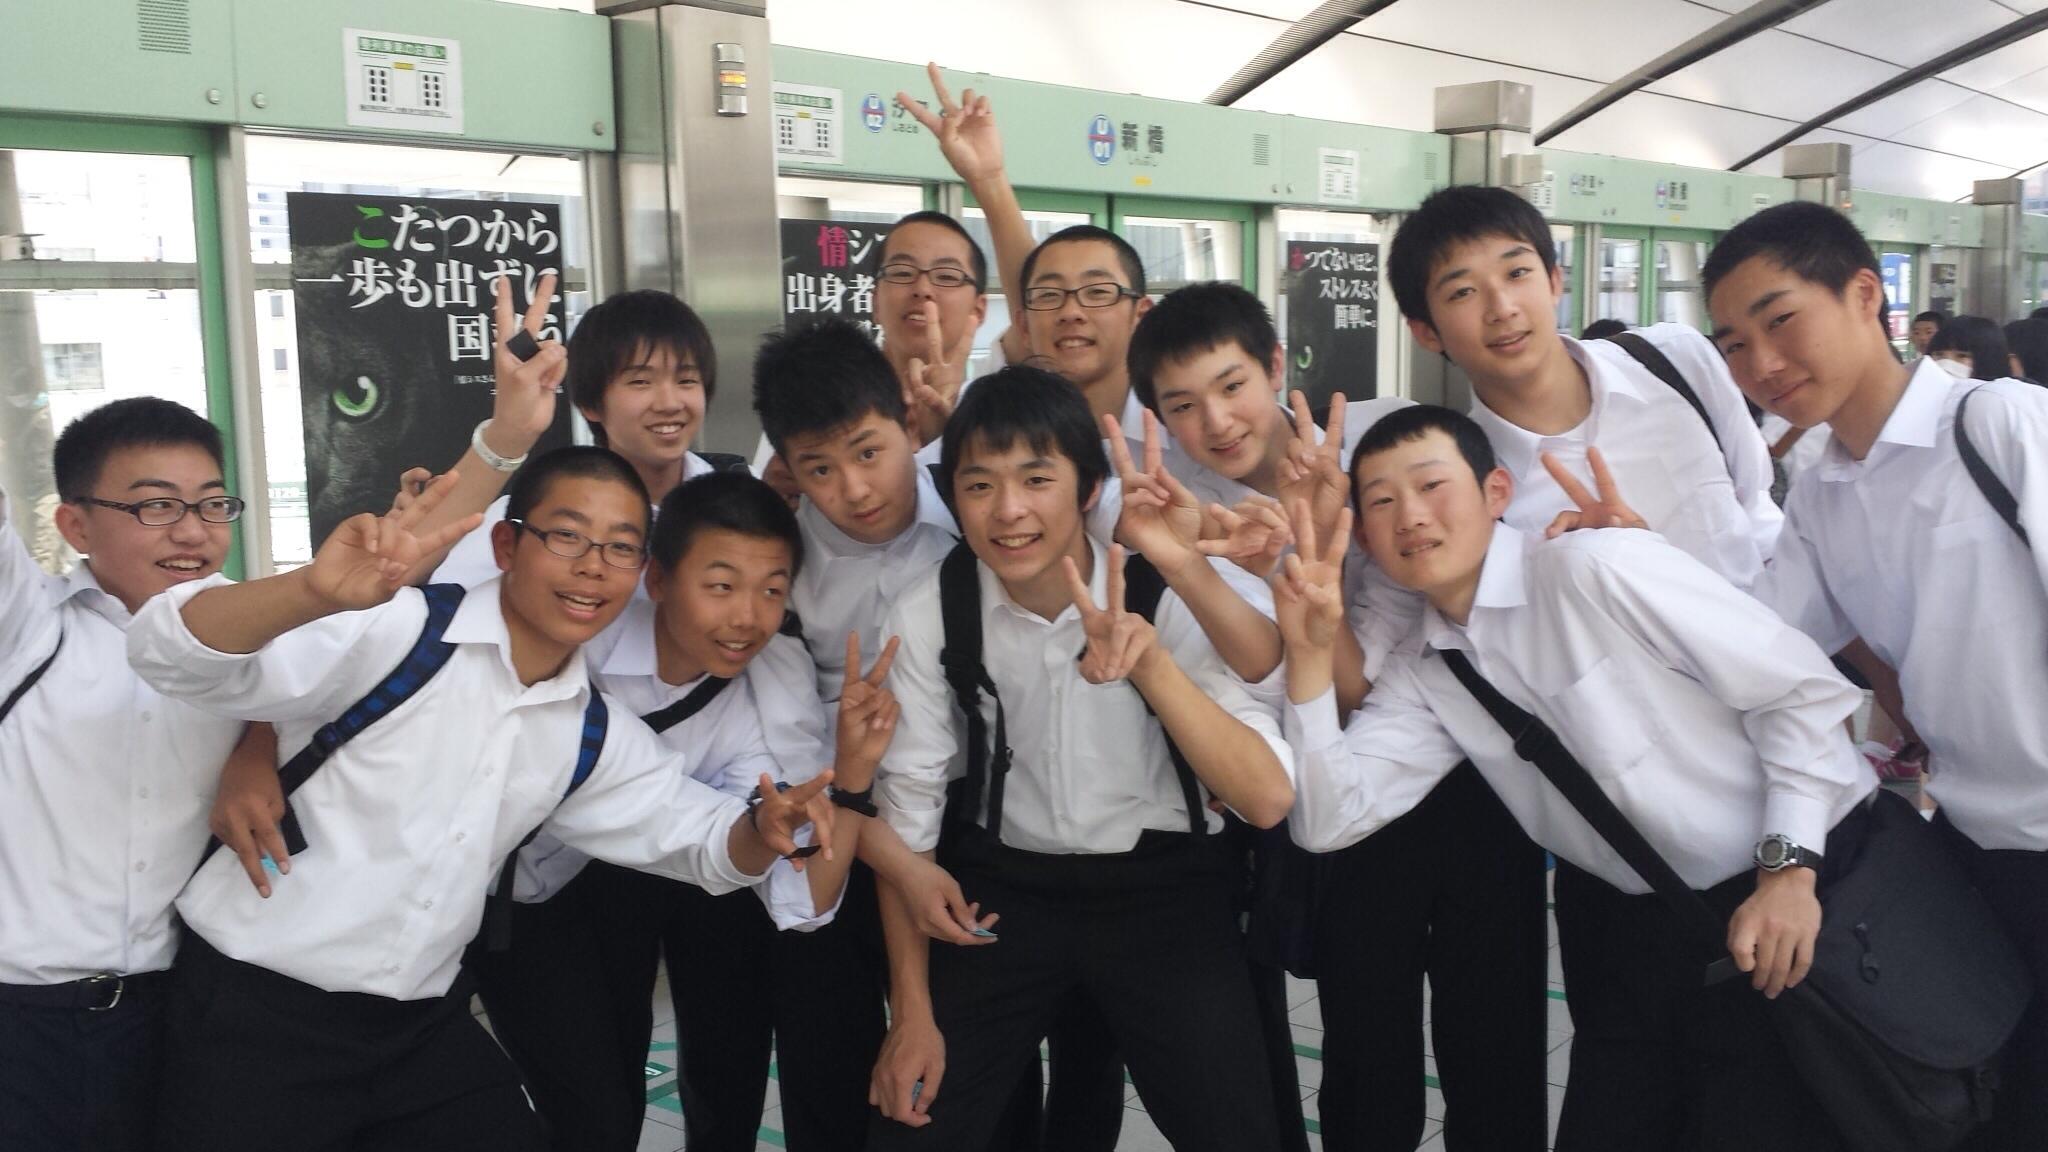 上野駅男子3組